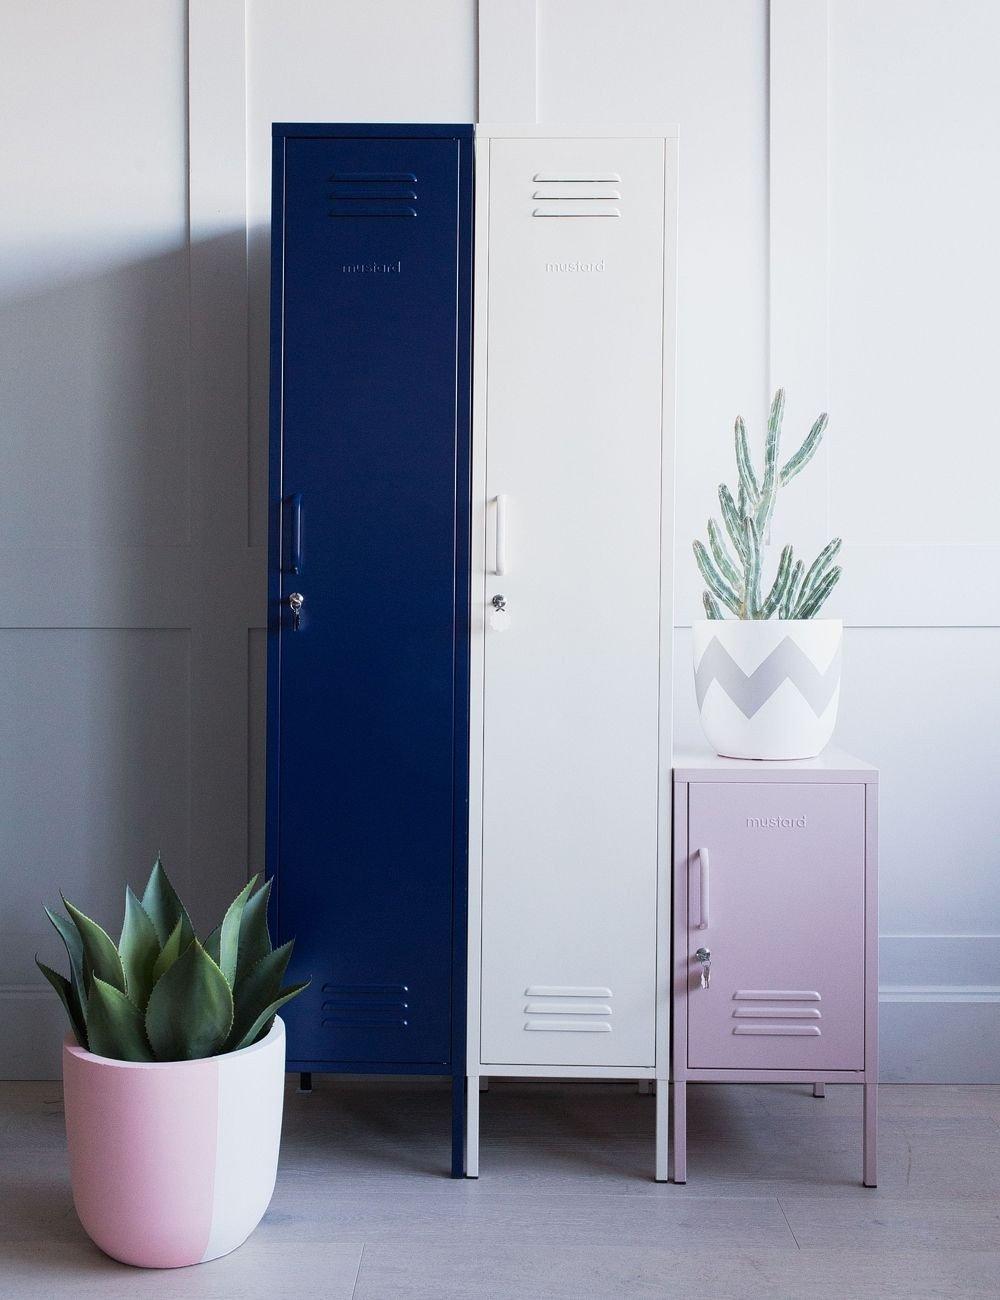 Locker Room Bedroom Furniture Elegant Mustard Made Lockers the Skinny Tall Locker Navy Blue